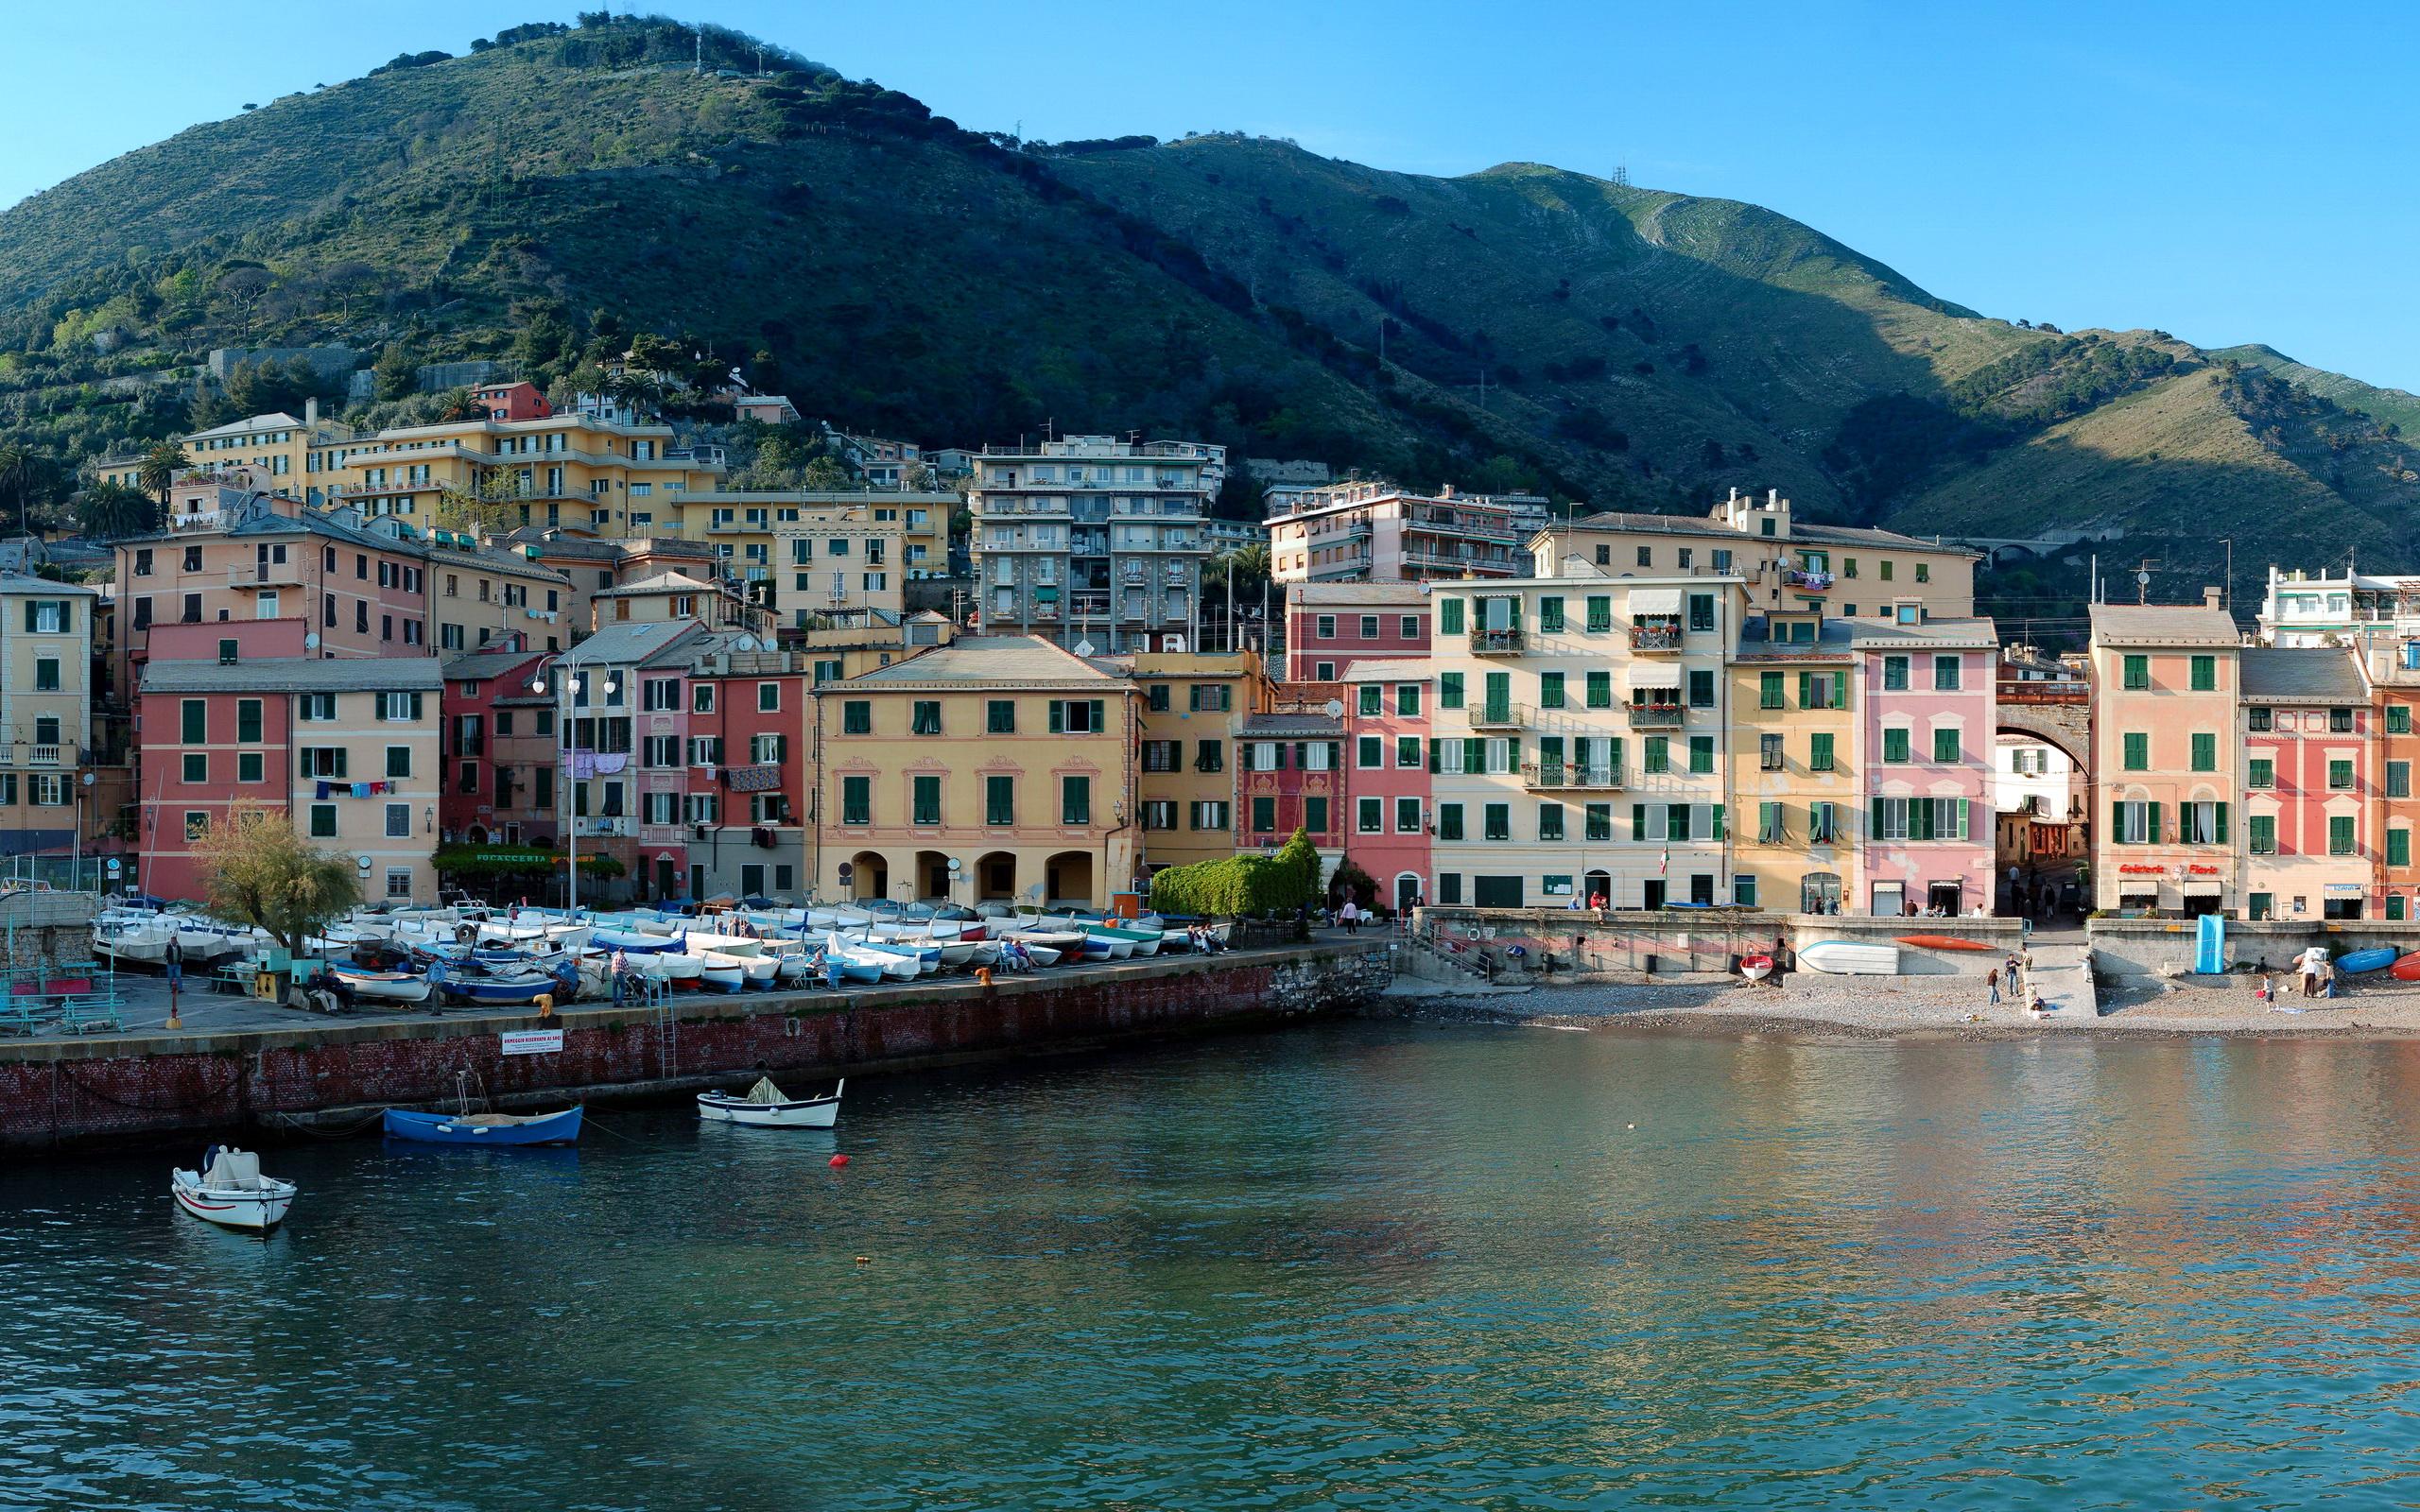 2560x1440 Wallpaper Hd Genova Hd Wallpaper Background Image 2560x1600 Id